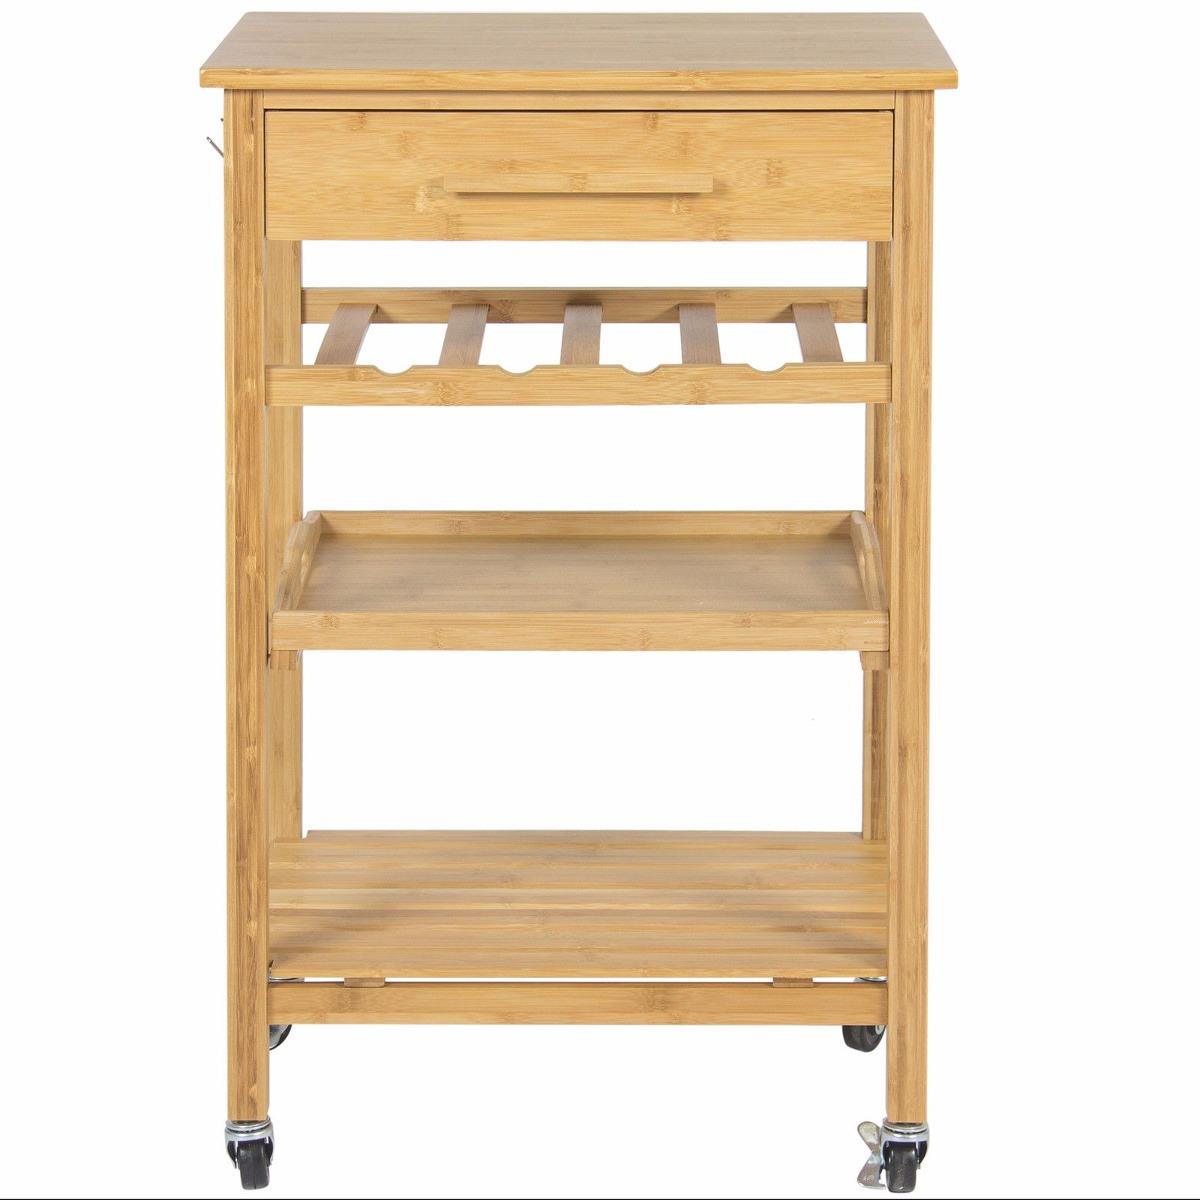 Mesa carrito de servicio de madera 0504 3 en for Carritos de cocina de madera